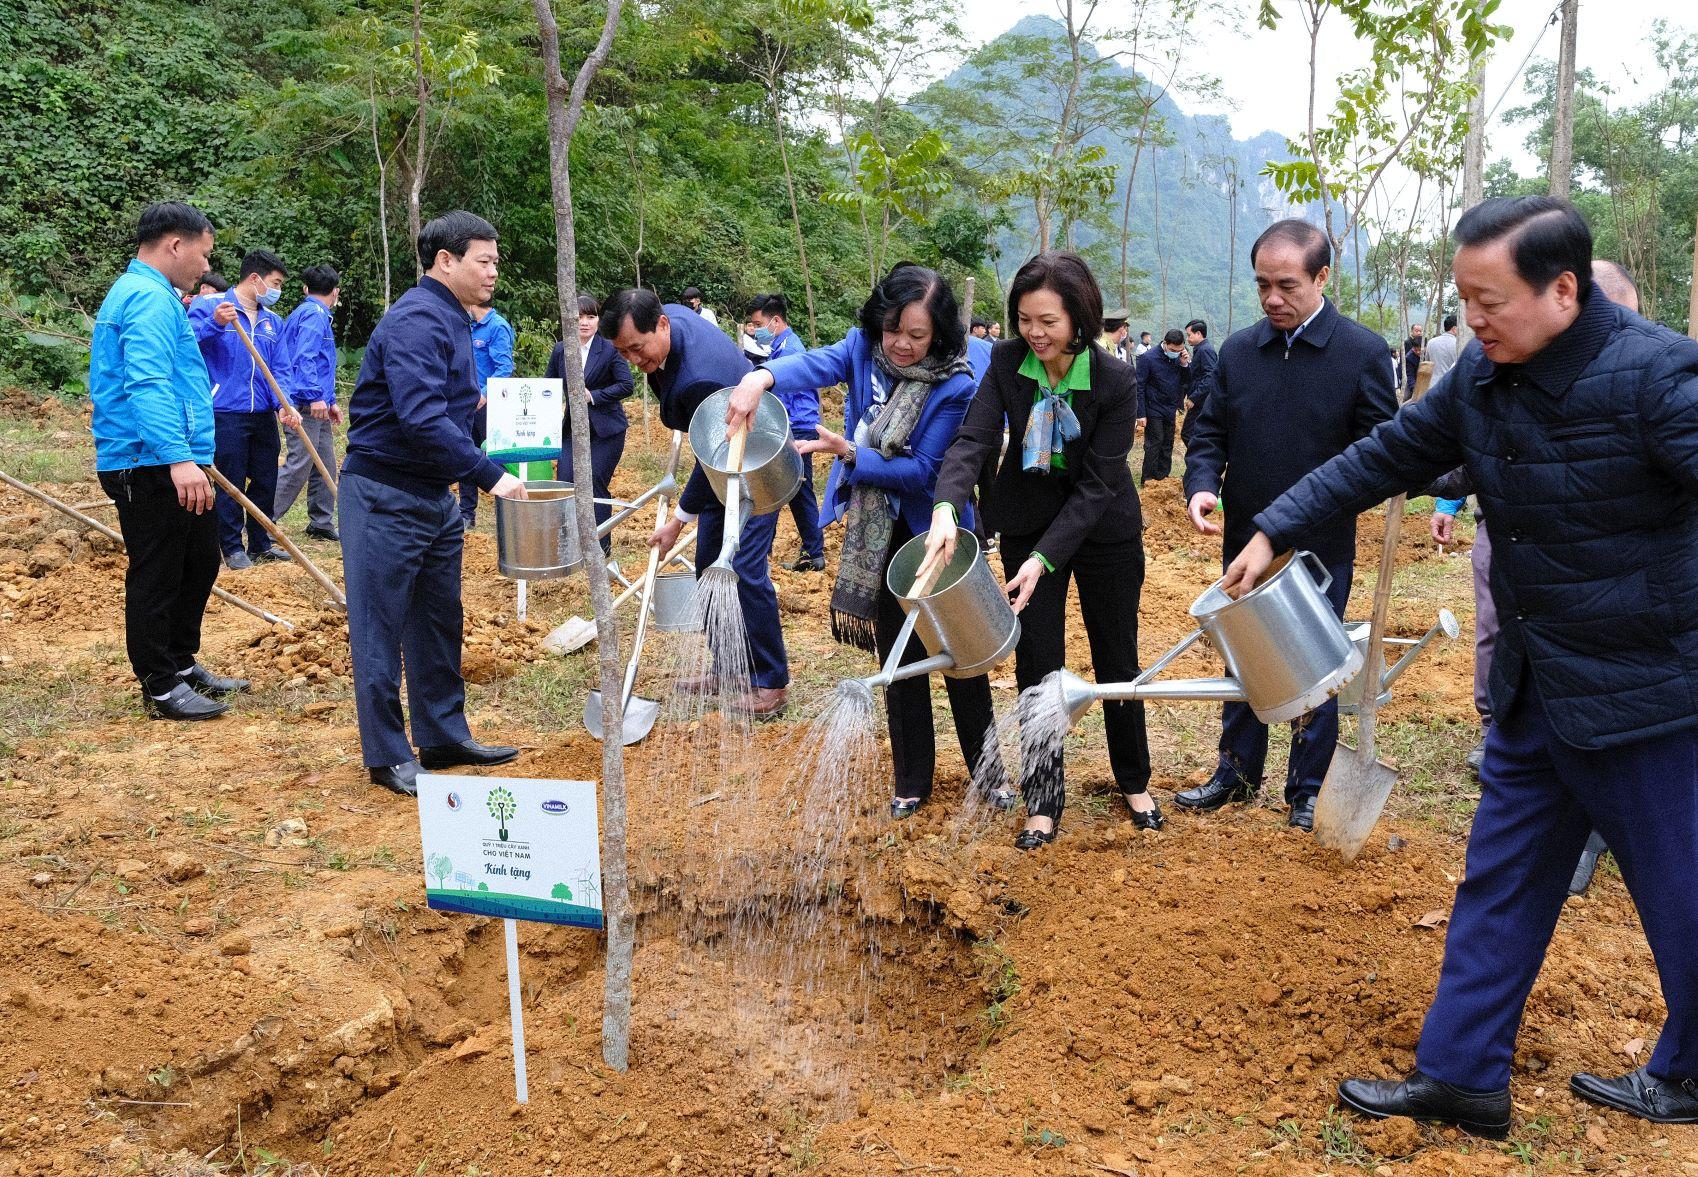 """Quỹ 1 triệu cây xanh cho Việt Nam của Vinamilk - Chương trình vì môi trường tạo được """"dấu ấn xanh"""" đặc biệt với cộng đồng 5"""